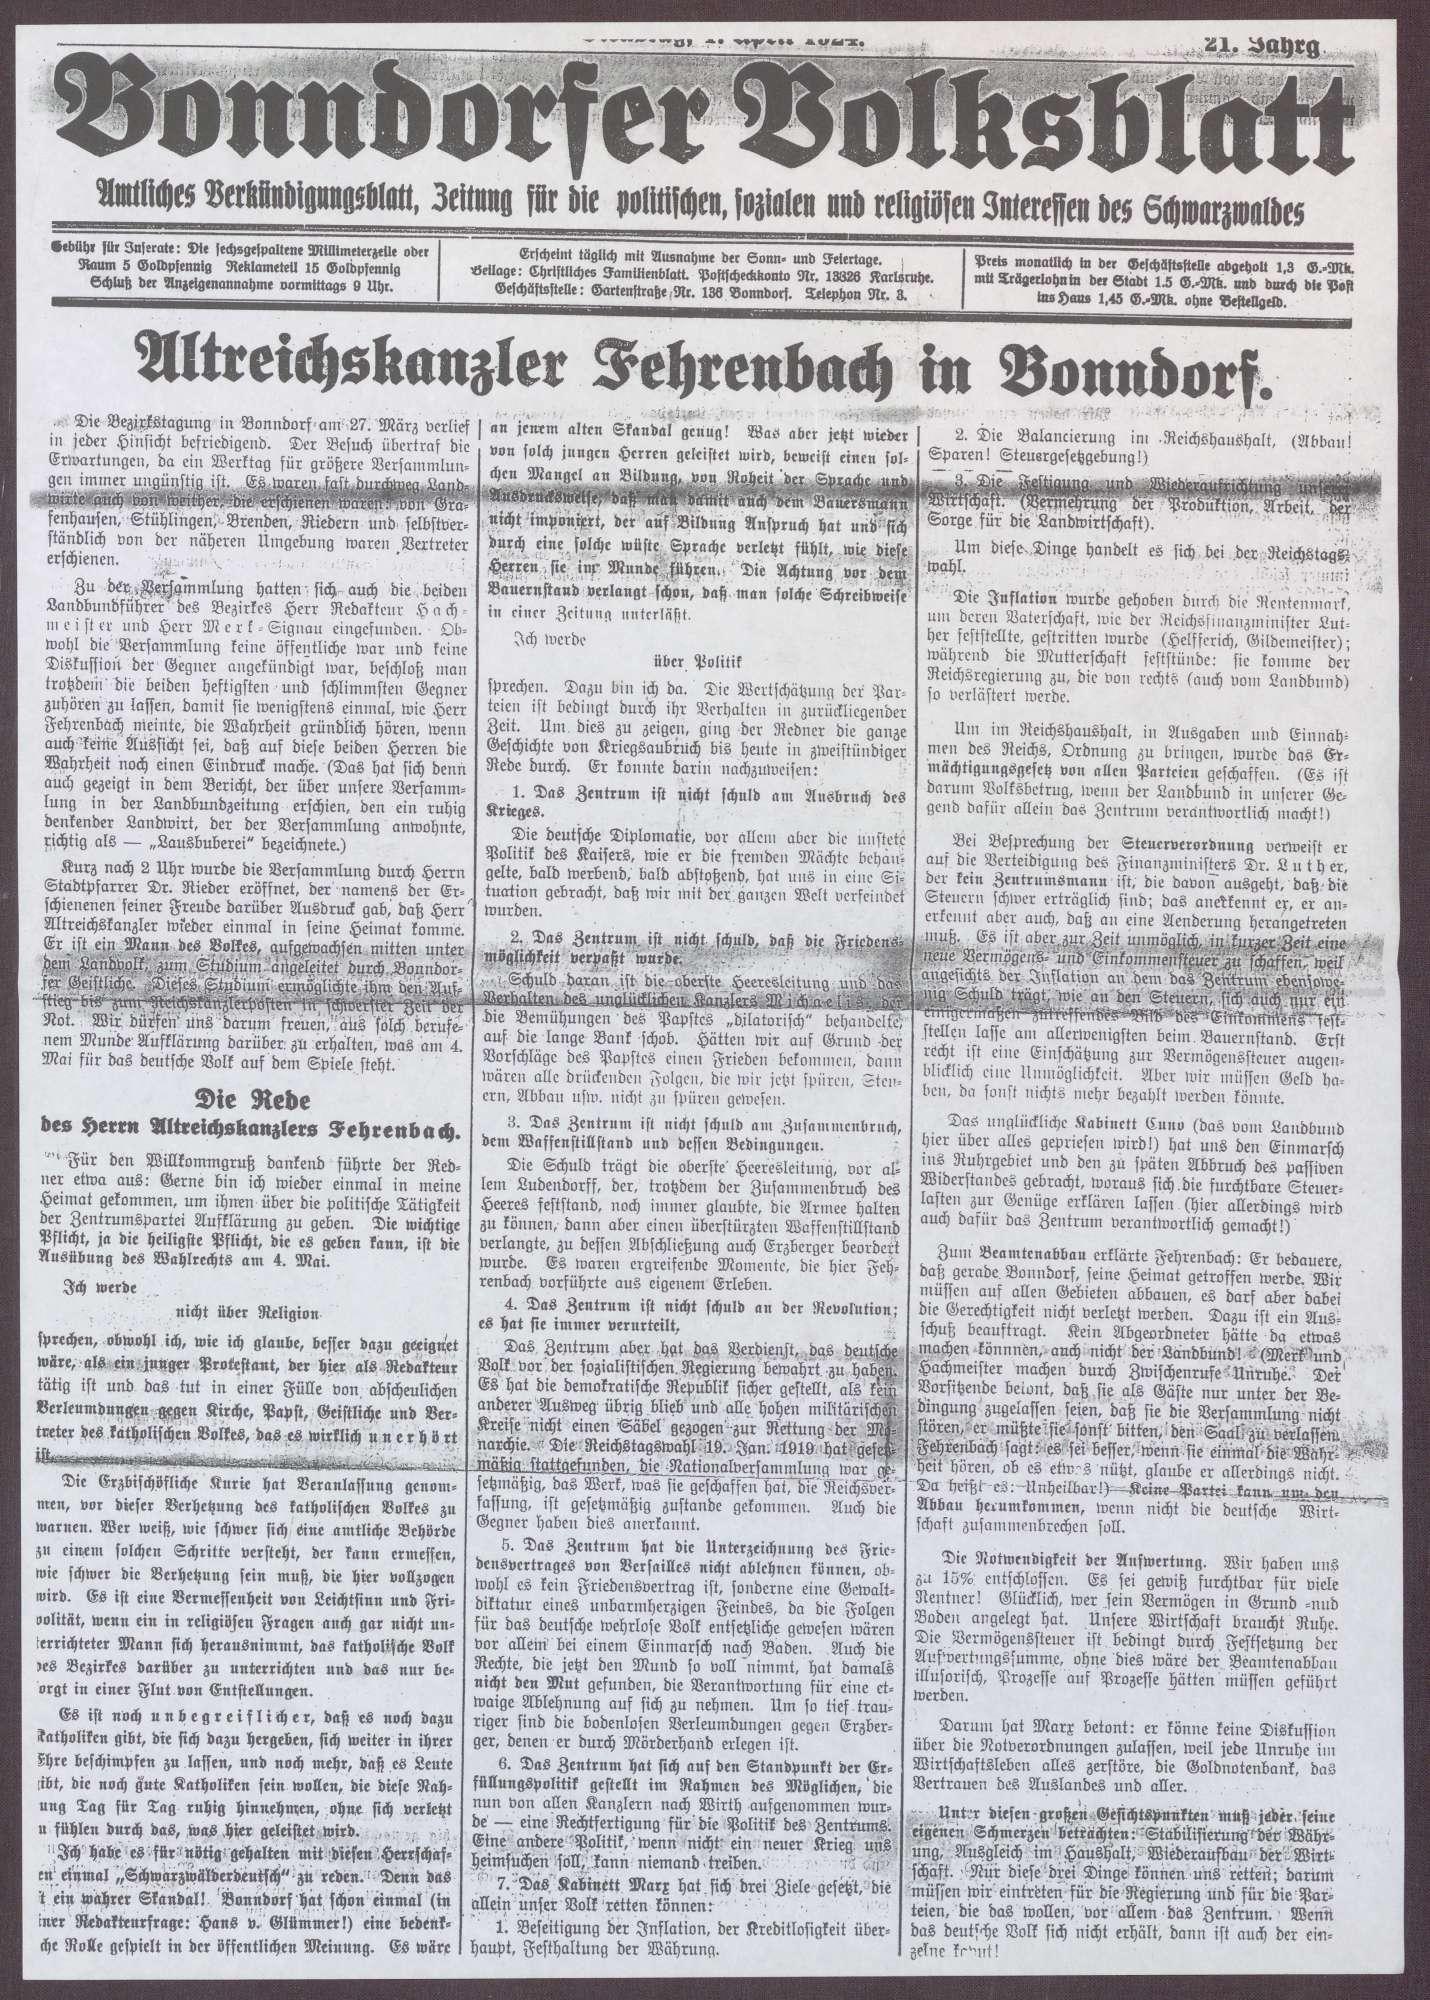 """Kopie von Artikeln aus """"Schwarzwälder Zeitung"""" und """"Bonndorfer Volksblatt"""" über einen Besuch von Constantin Fehrenbach in Bonndorf und die dort gehaltene Rede, Bild 1"""